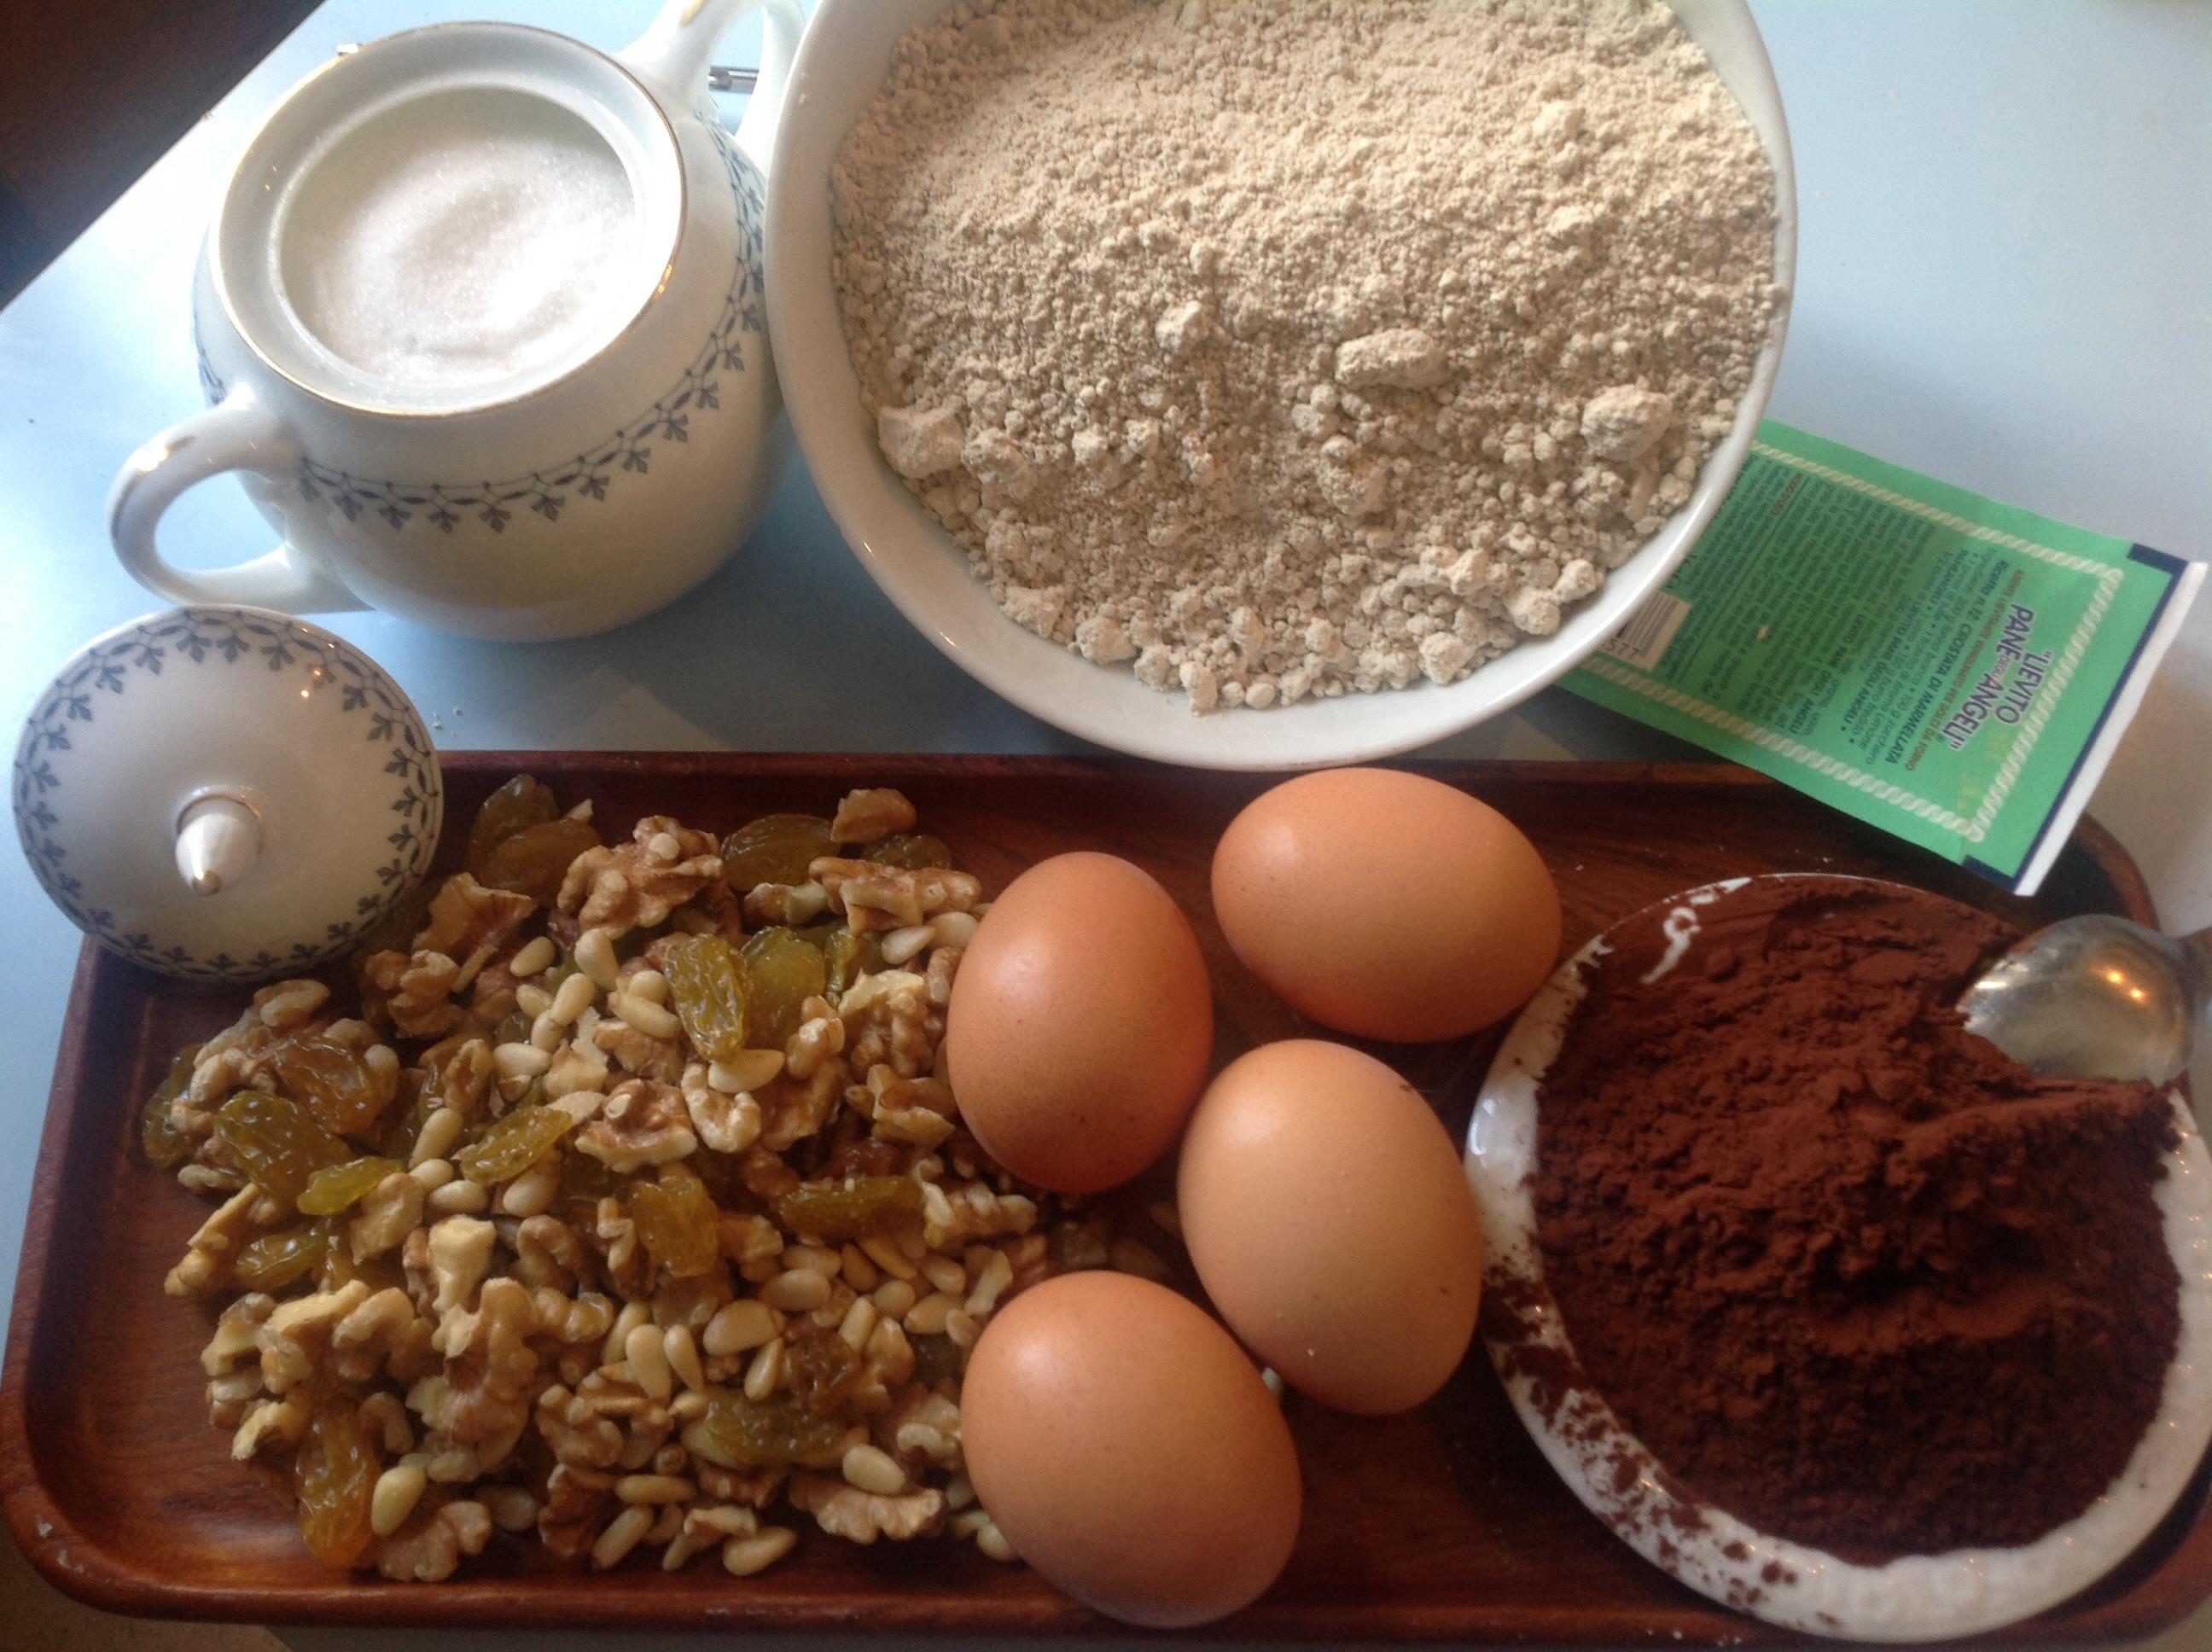 Ingredienti per la torta dello scoiattolo